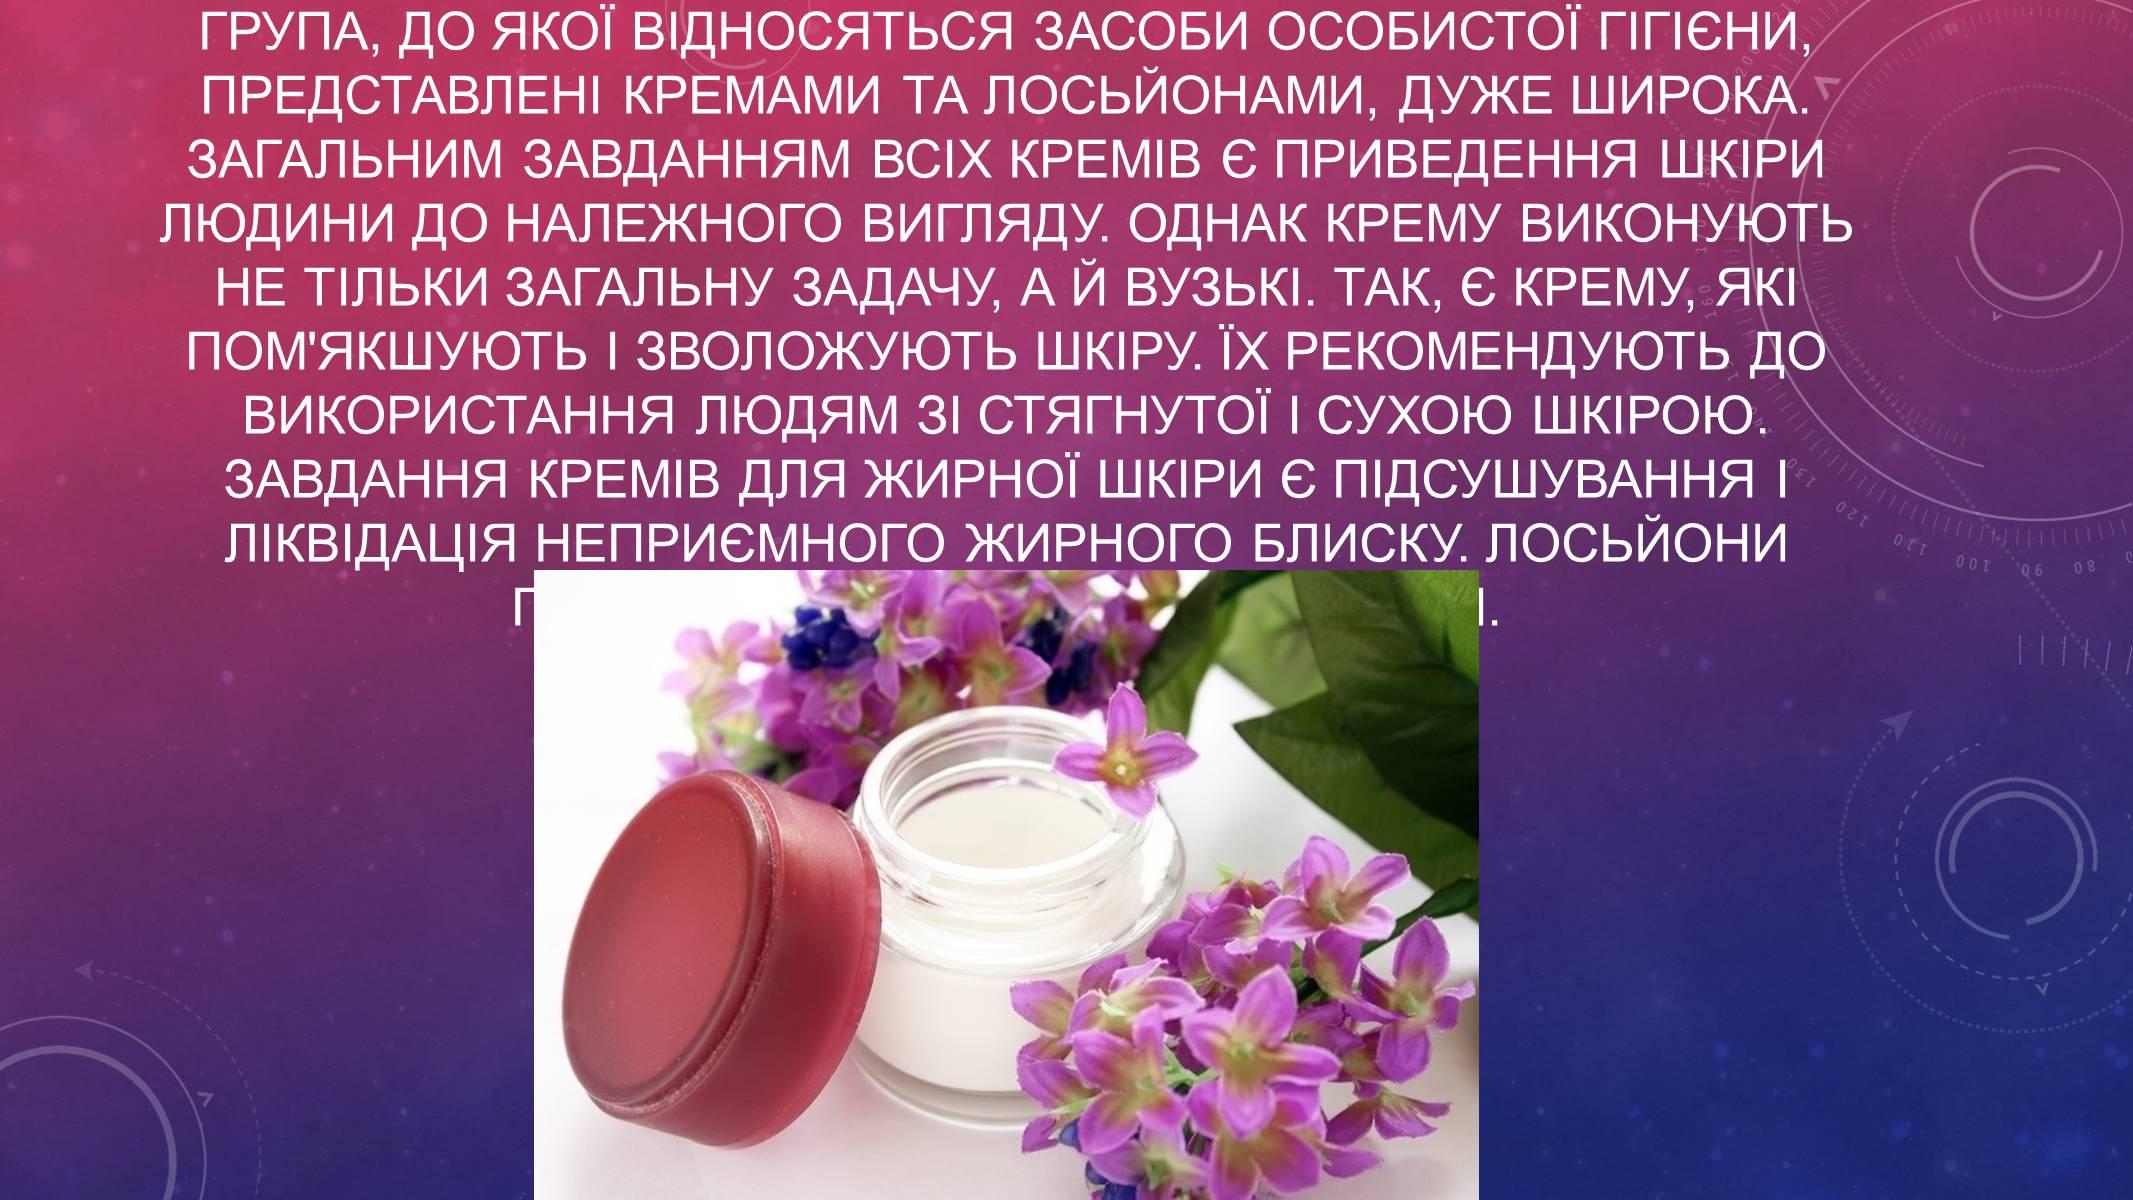 Презентація на тему Засоби особистої гігієни (варіант 2) — готові ... 2a4529ec71f85